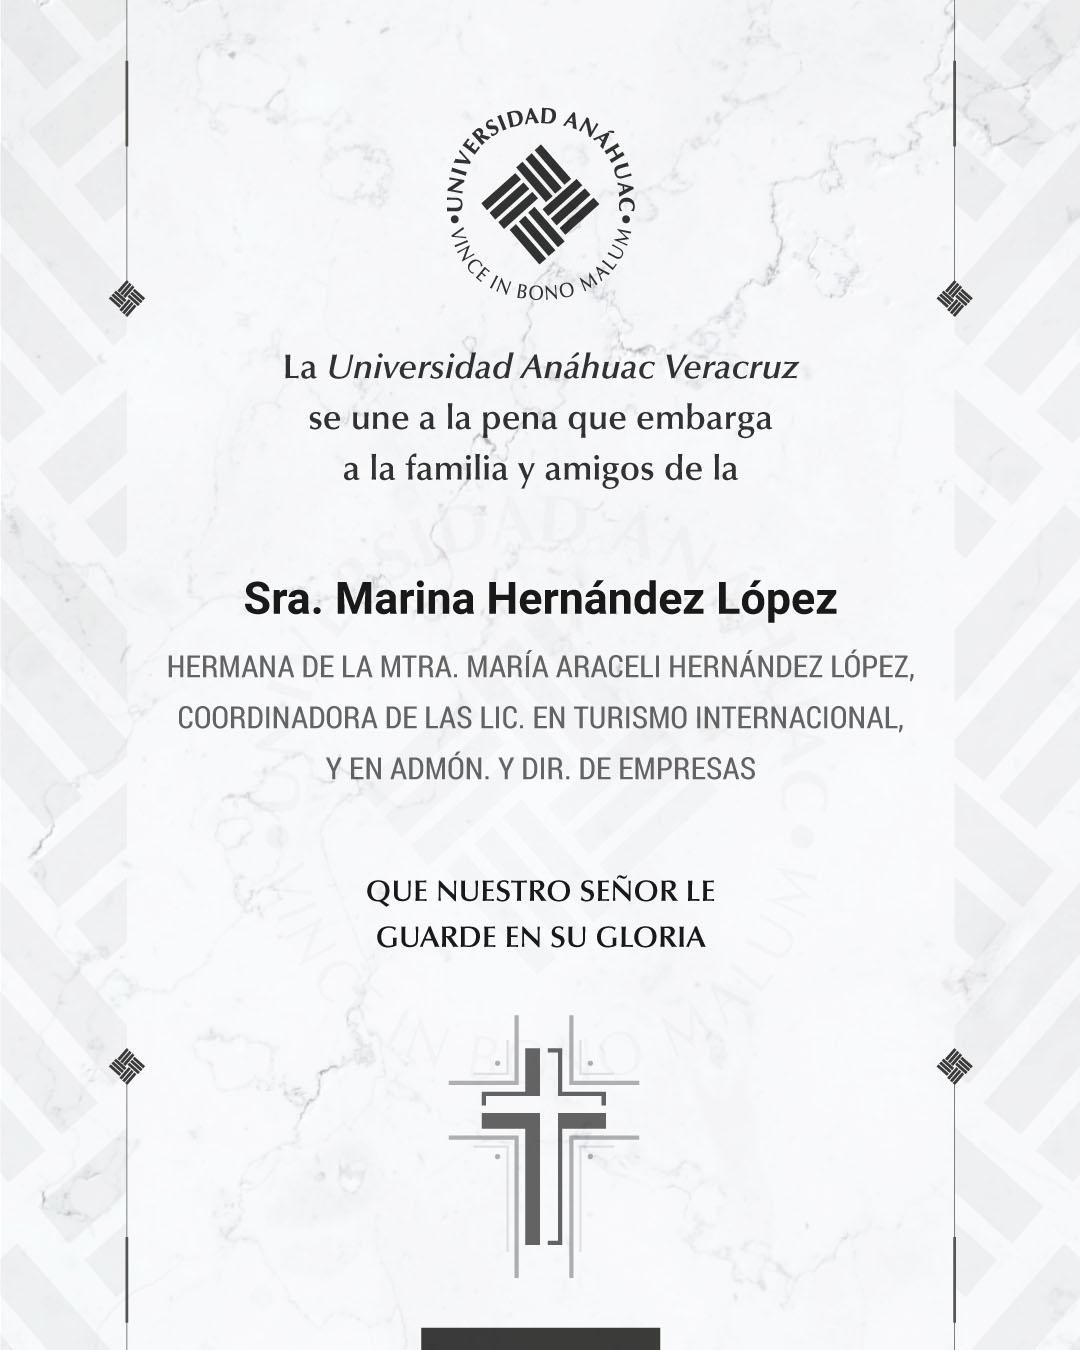 6 / 14 - Sra. Marina Hernández López